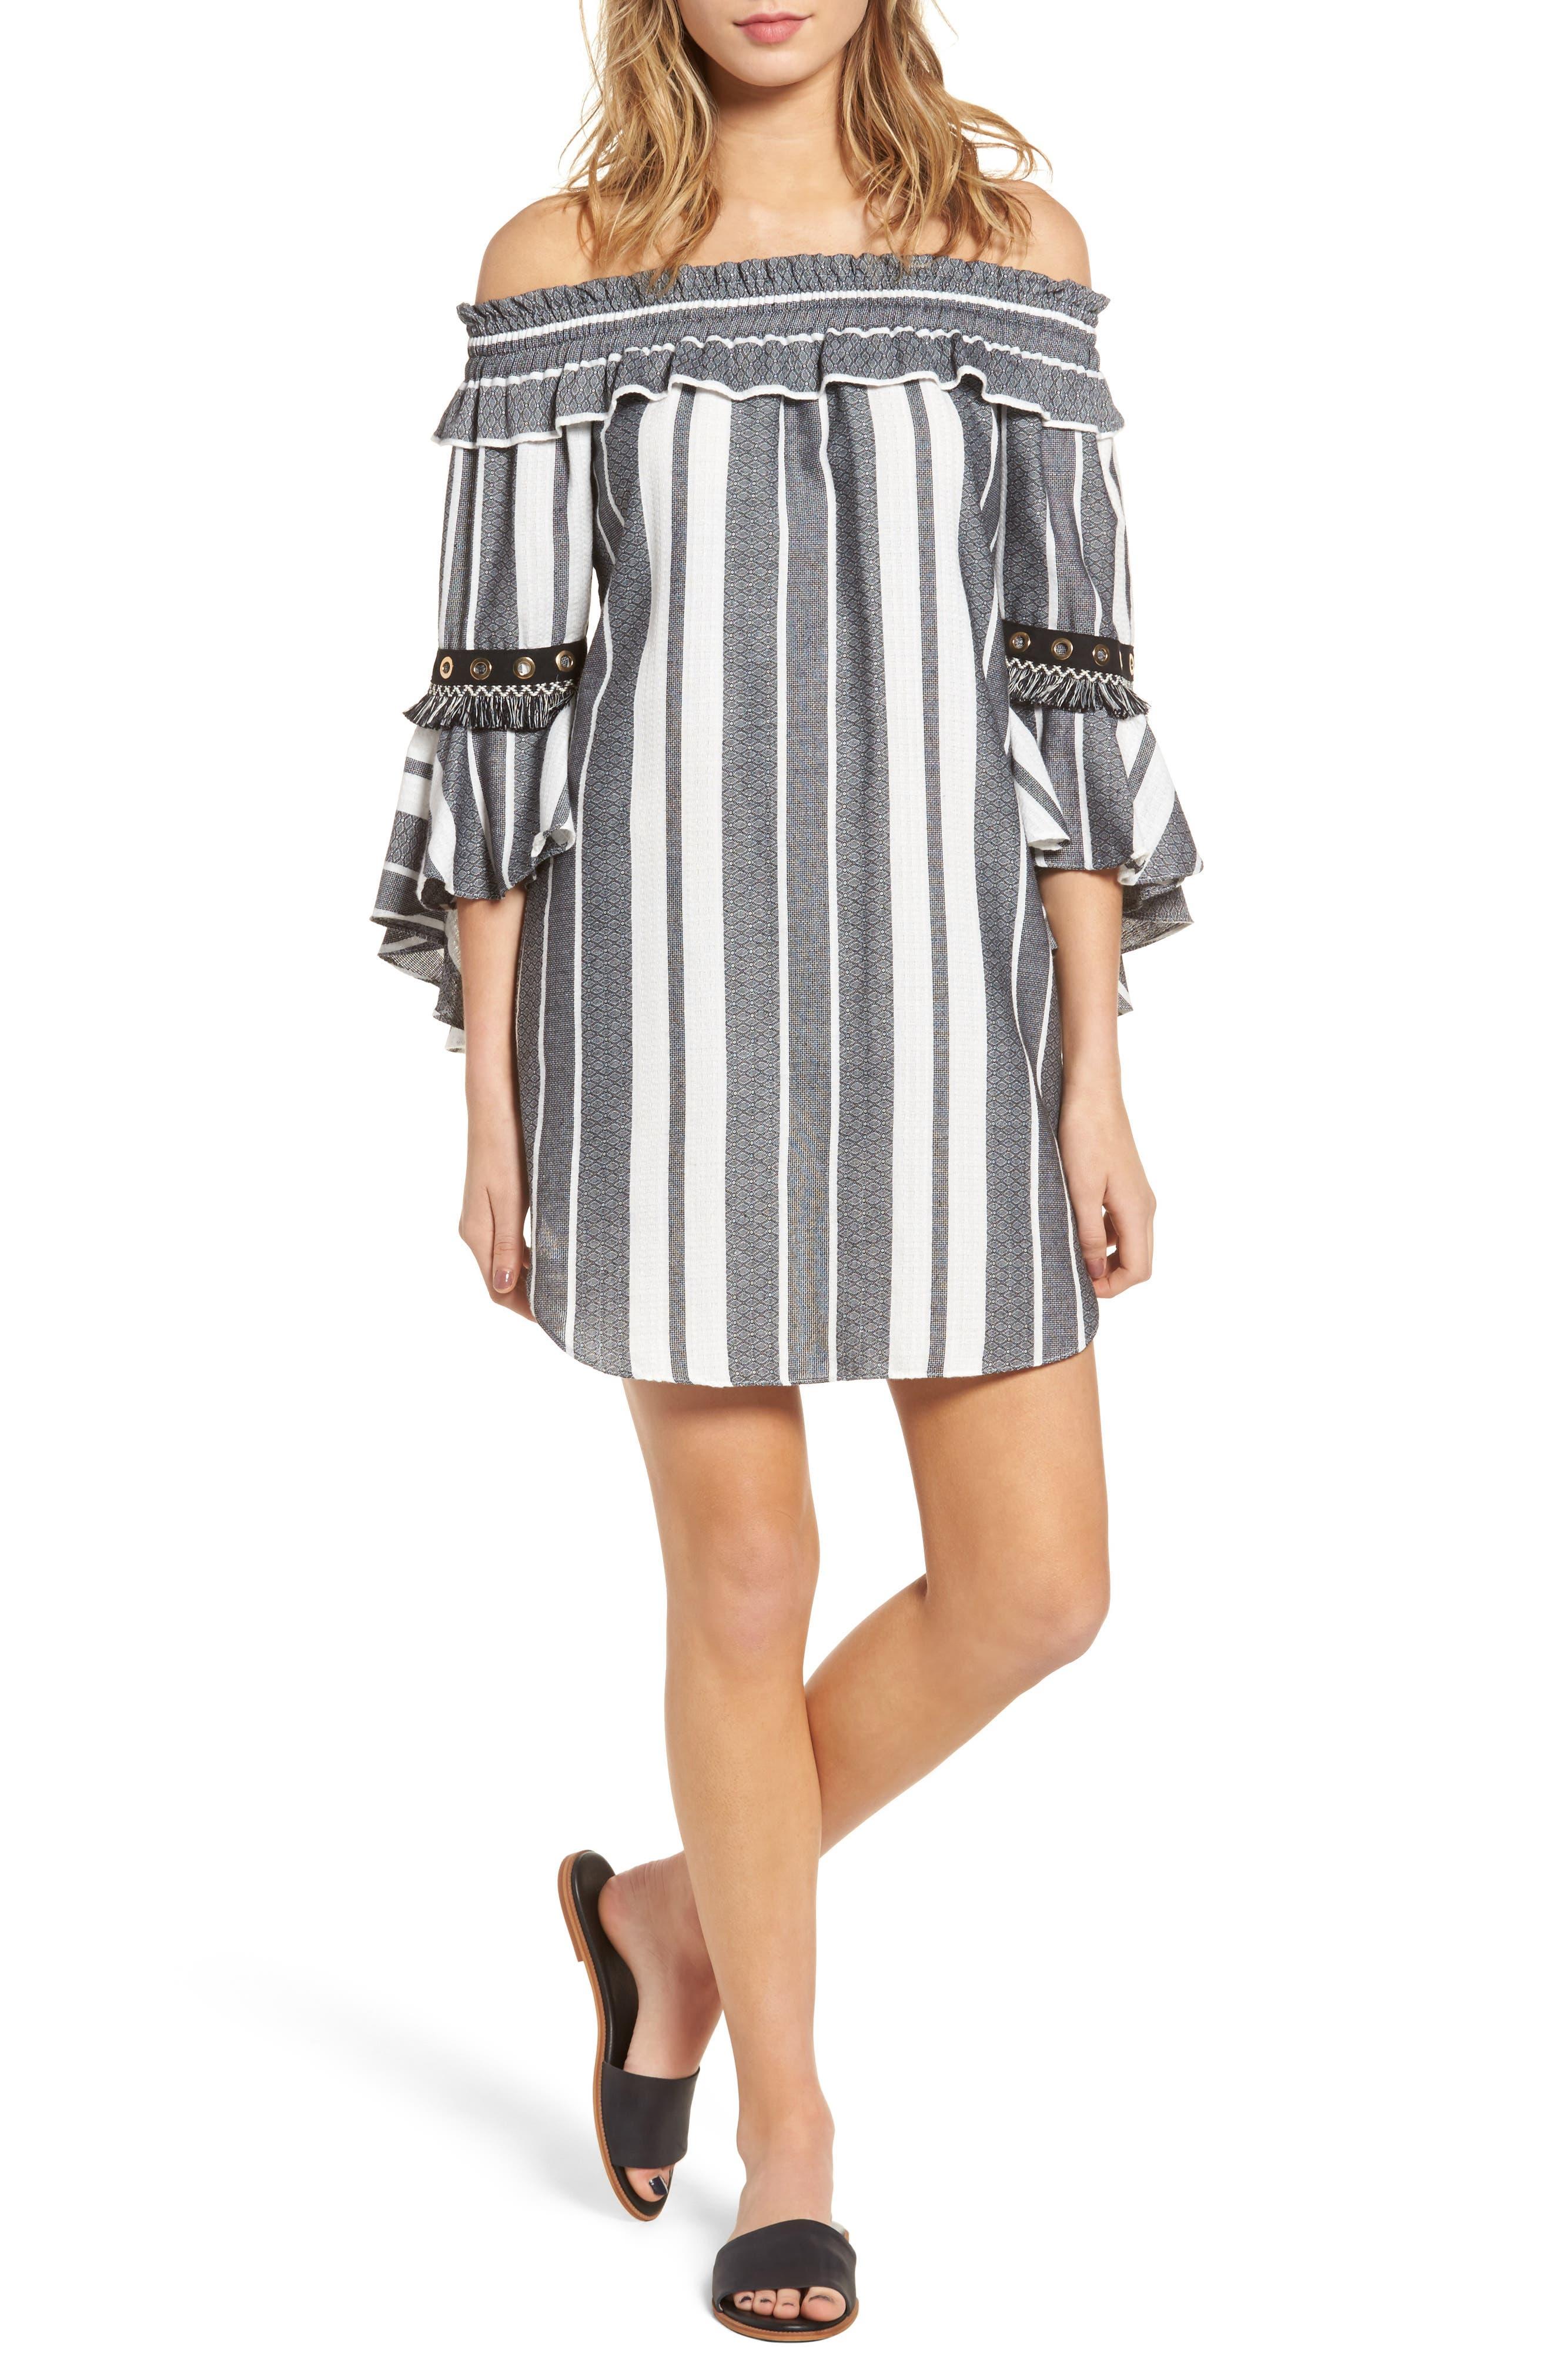 MISA Los Angeles Cybele Off the Shoulder Dress